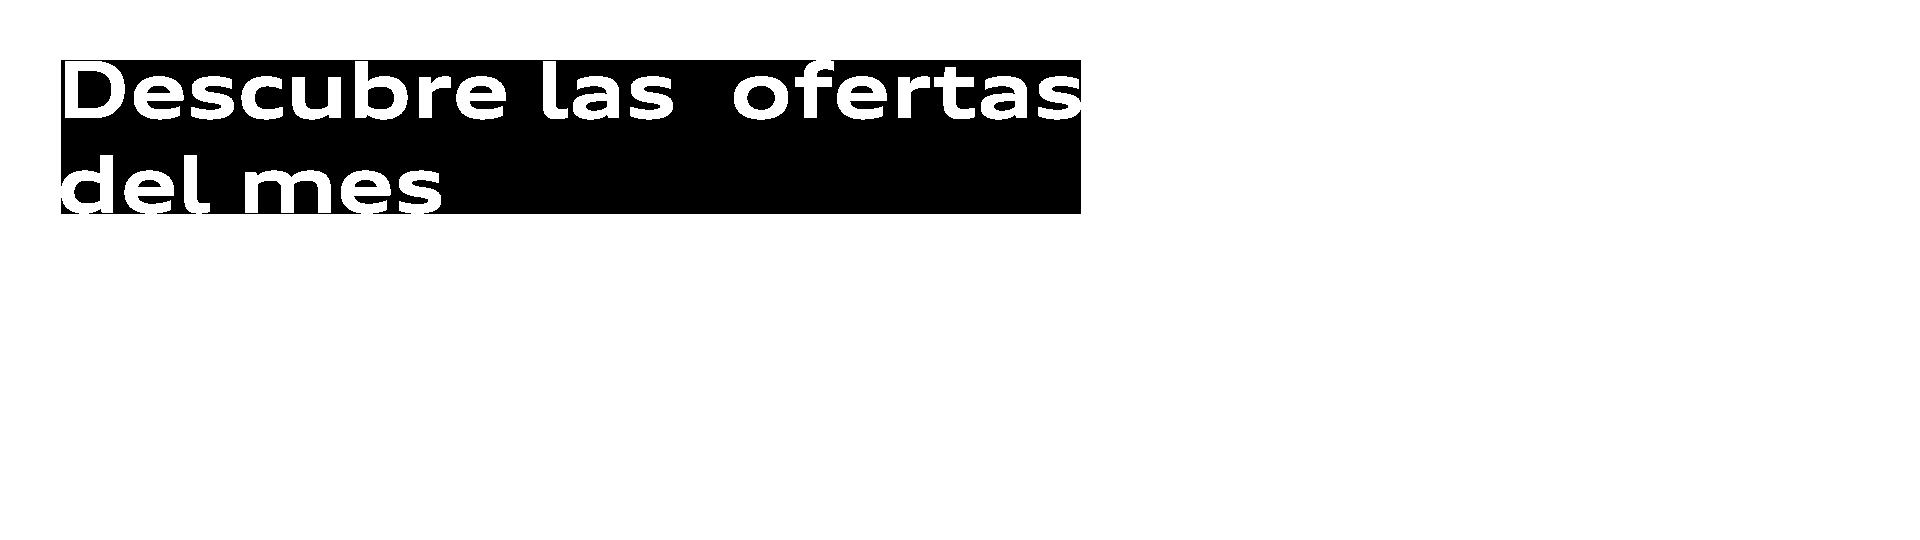 texto-ofertas-cabecera